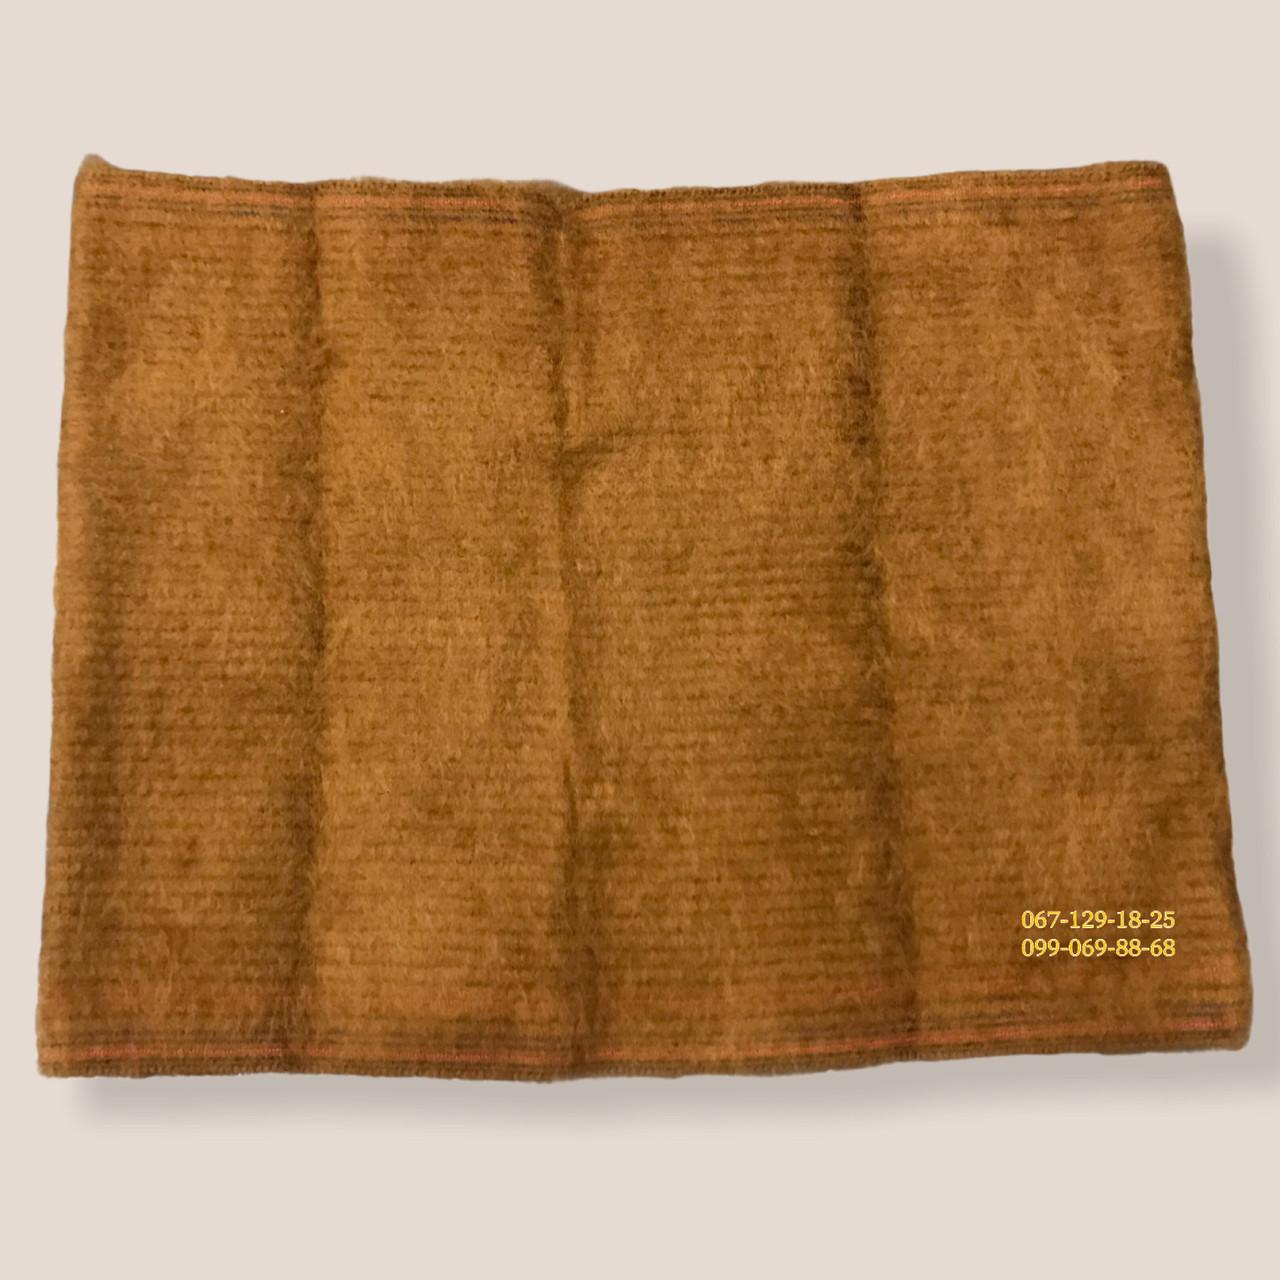 Эластичный пояс-корсет Верблюжья шерсть Nebat оригинал Толстый